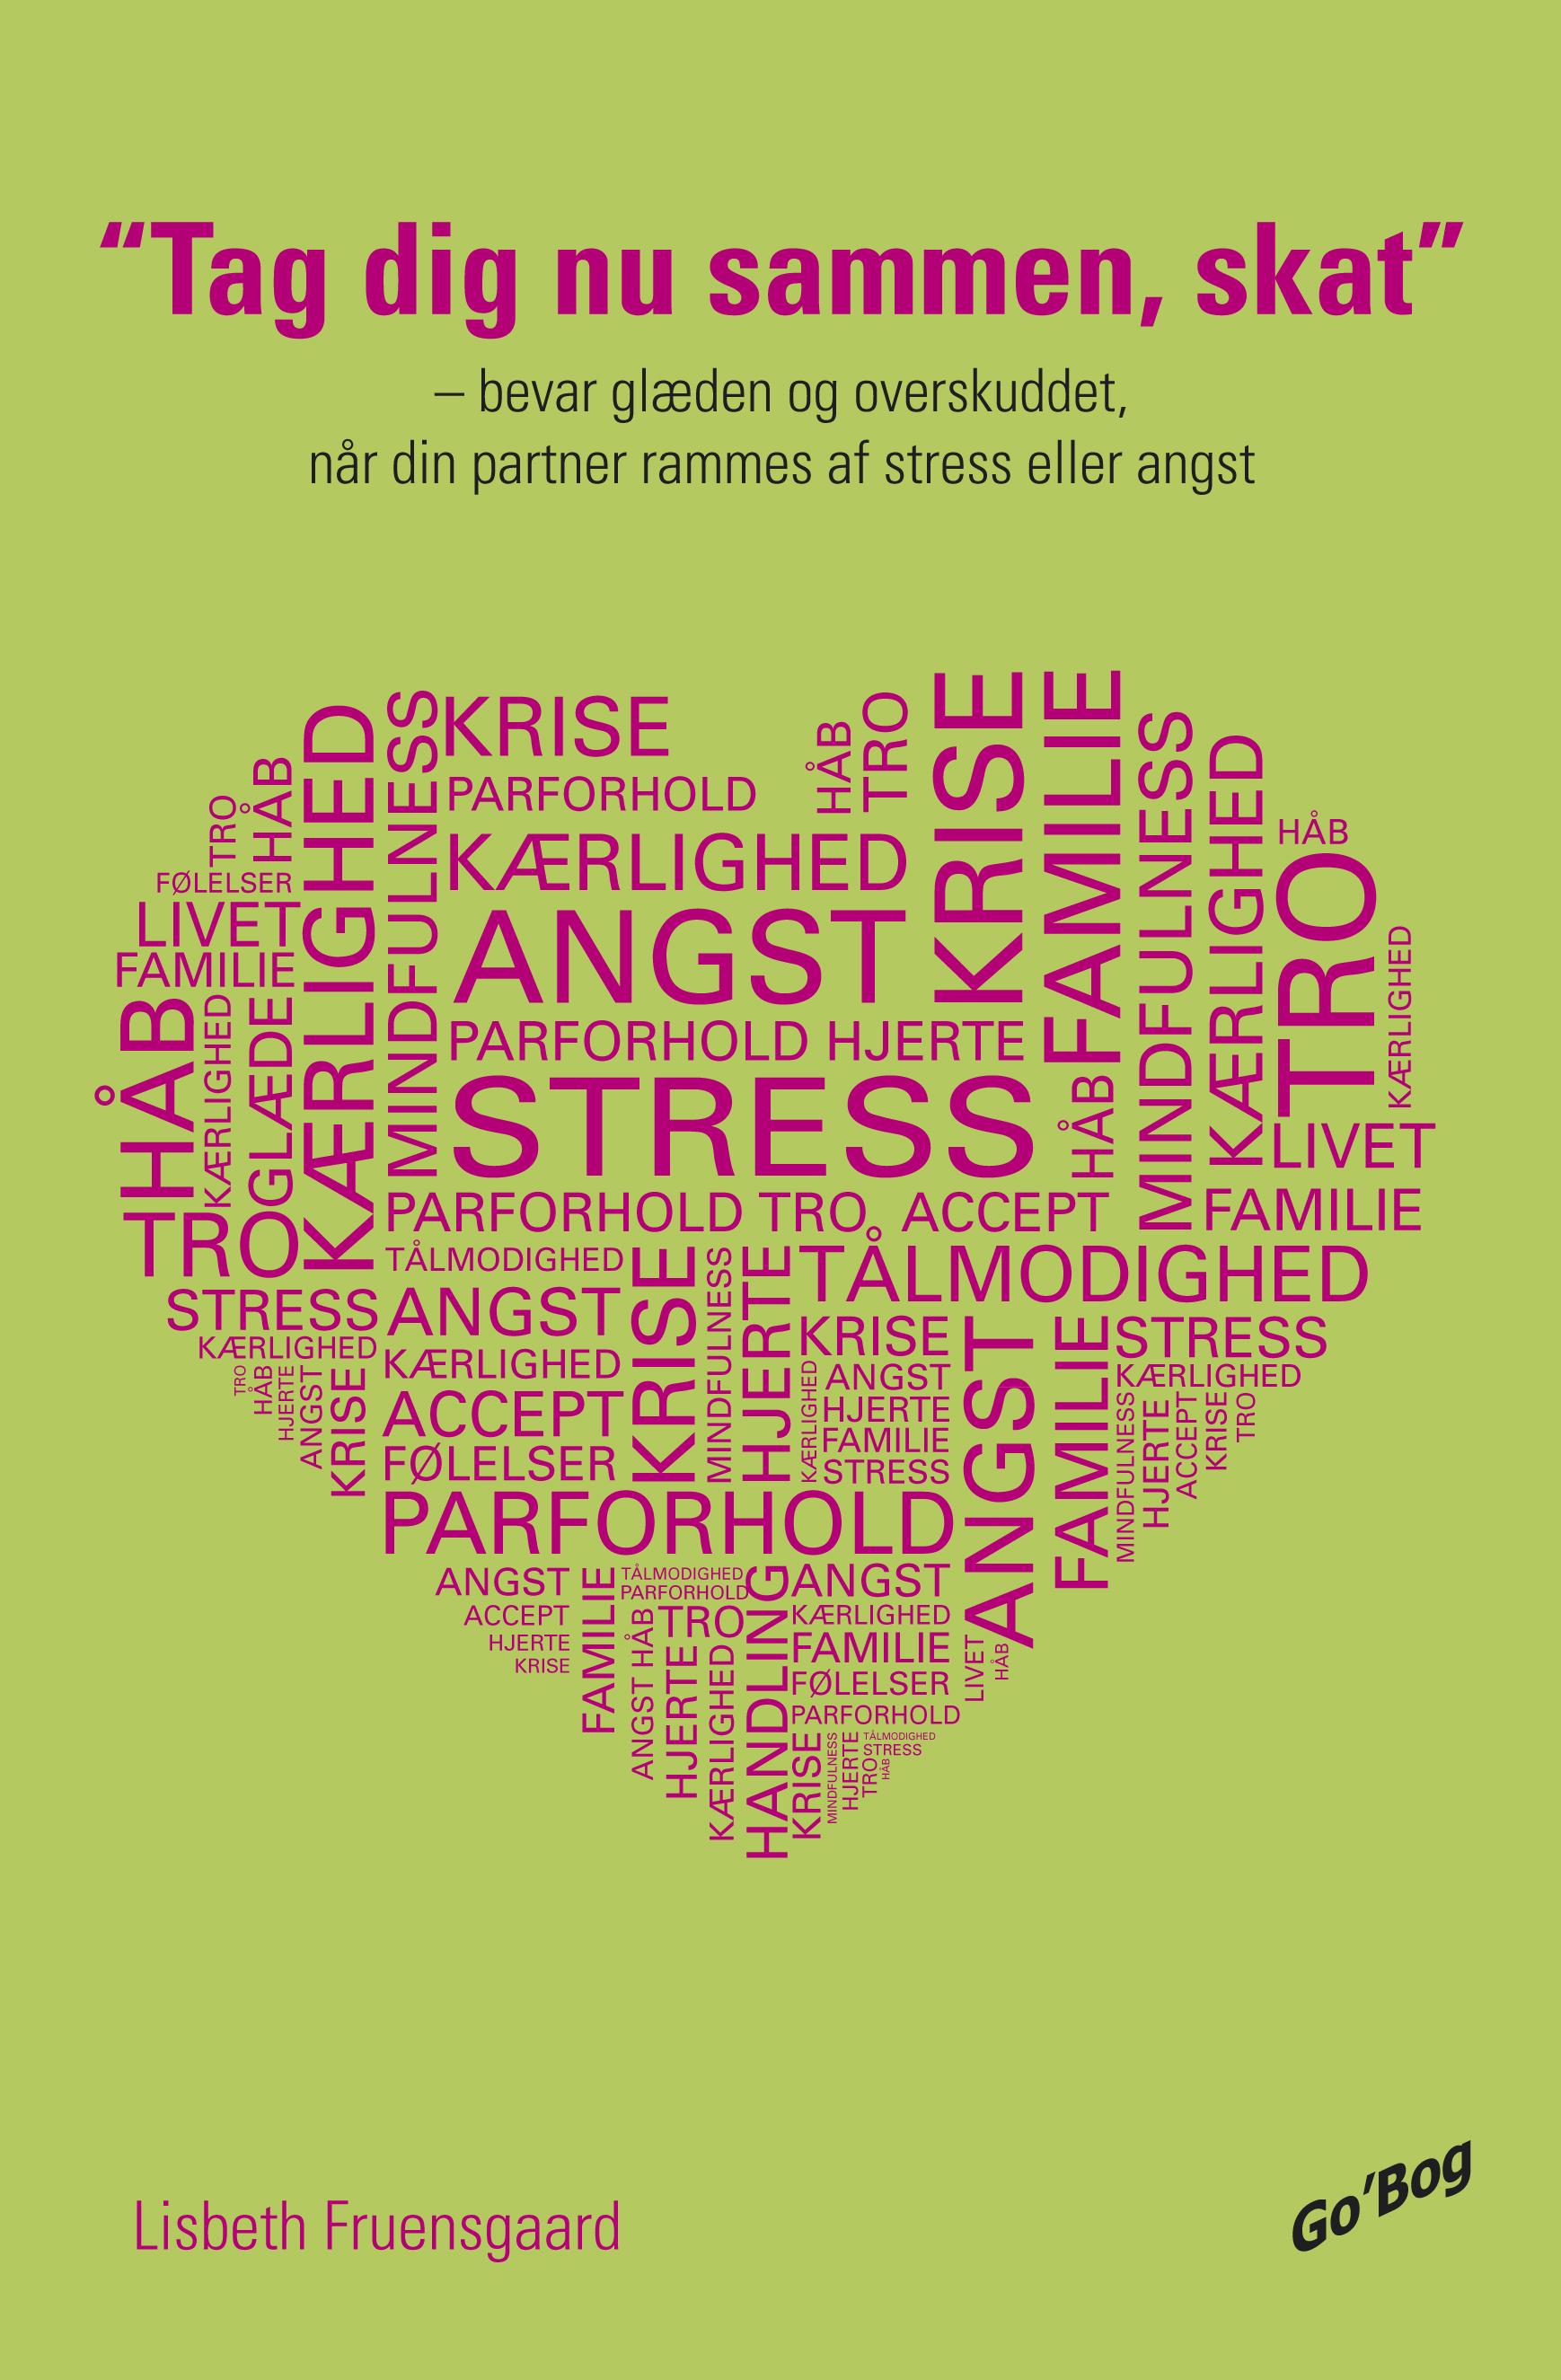 Tag dig nu sammen skat - bevar glæden og overskuddet, når din partner rammes af stress eller angst